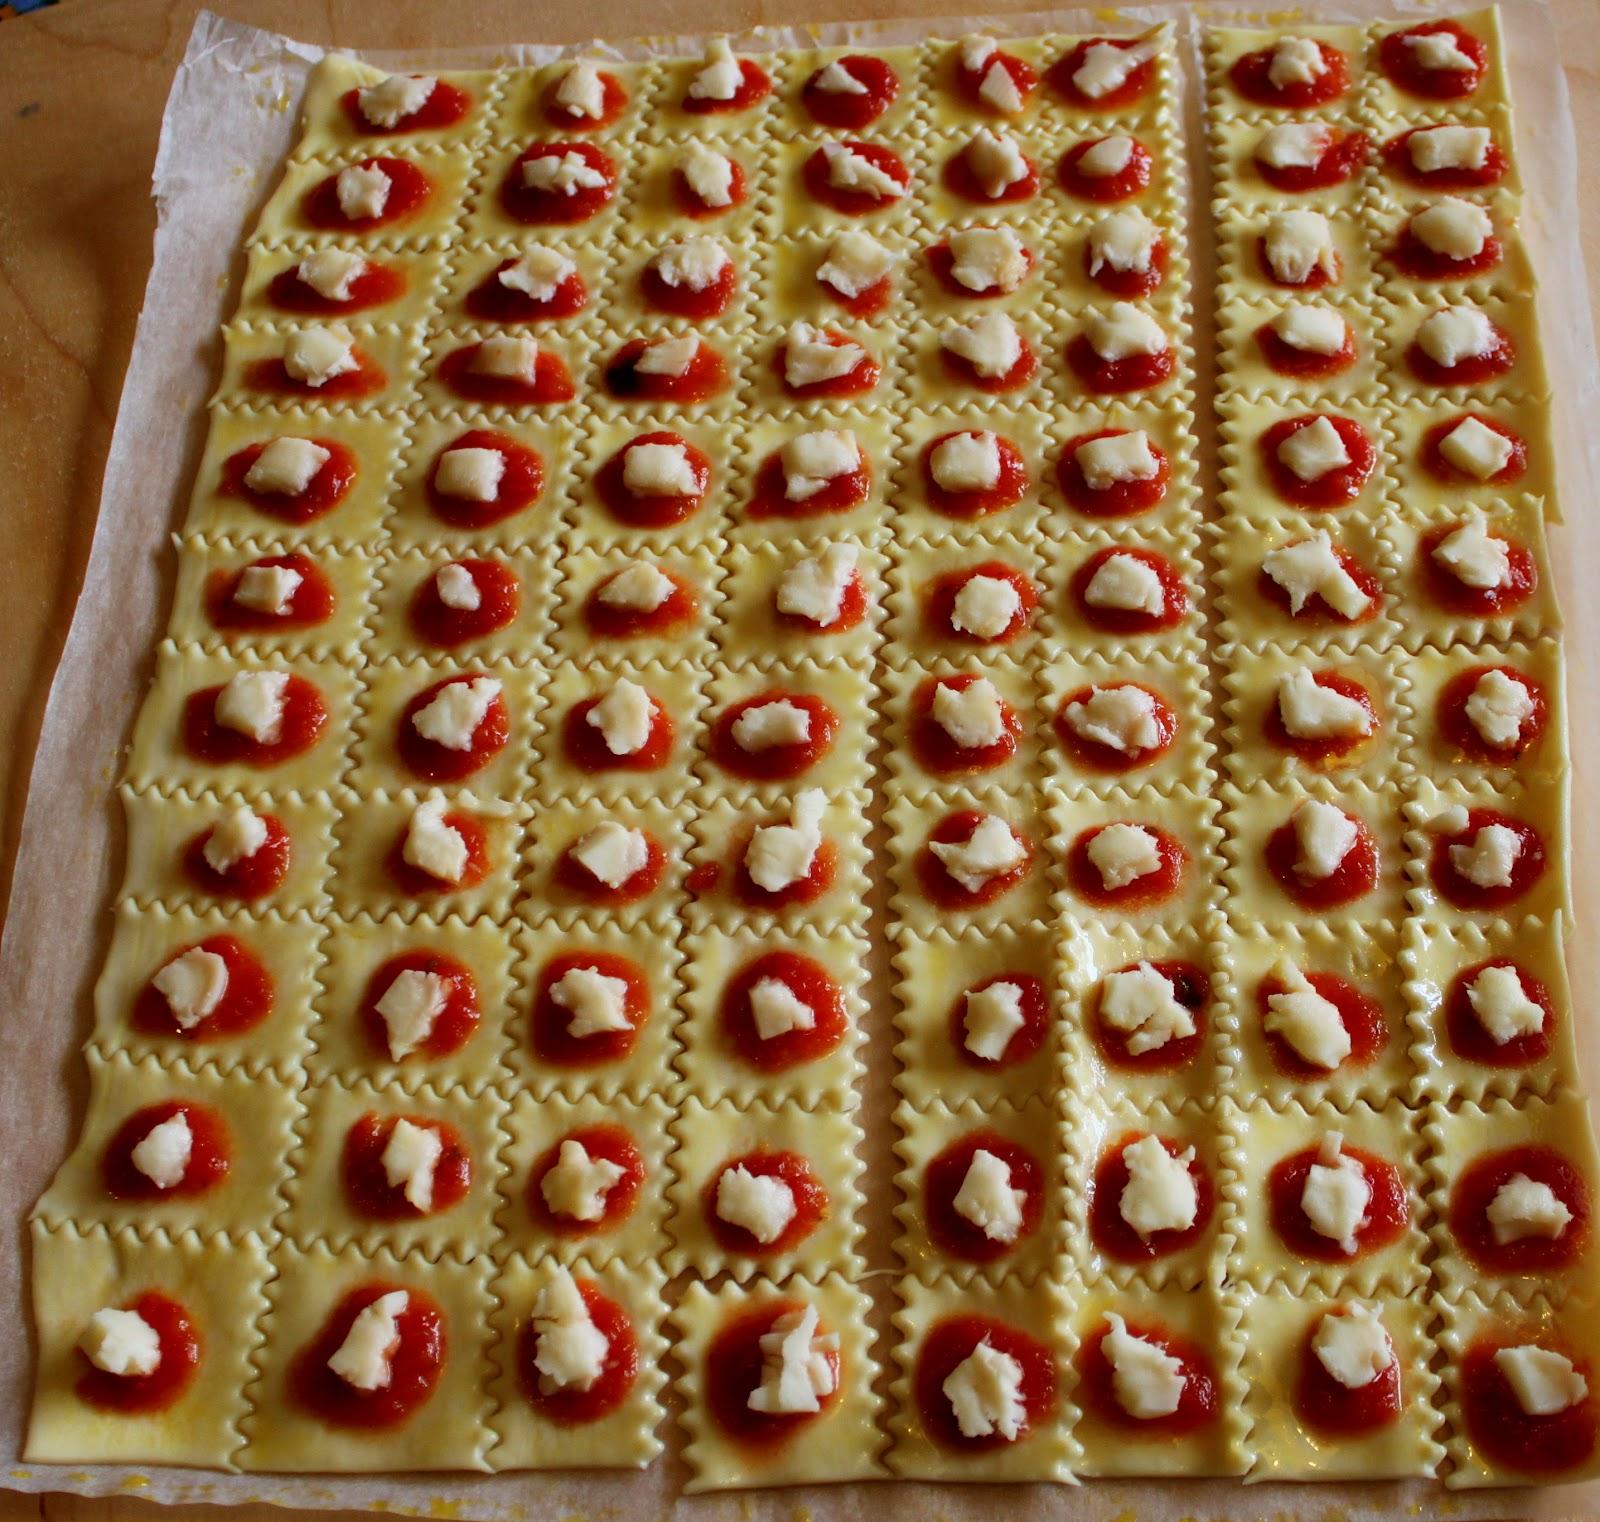 Ricetta base della pizza fatta in casa - Pizza e Impasti 203d950e90c